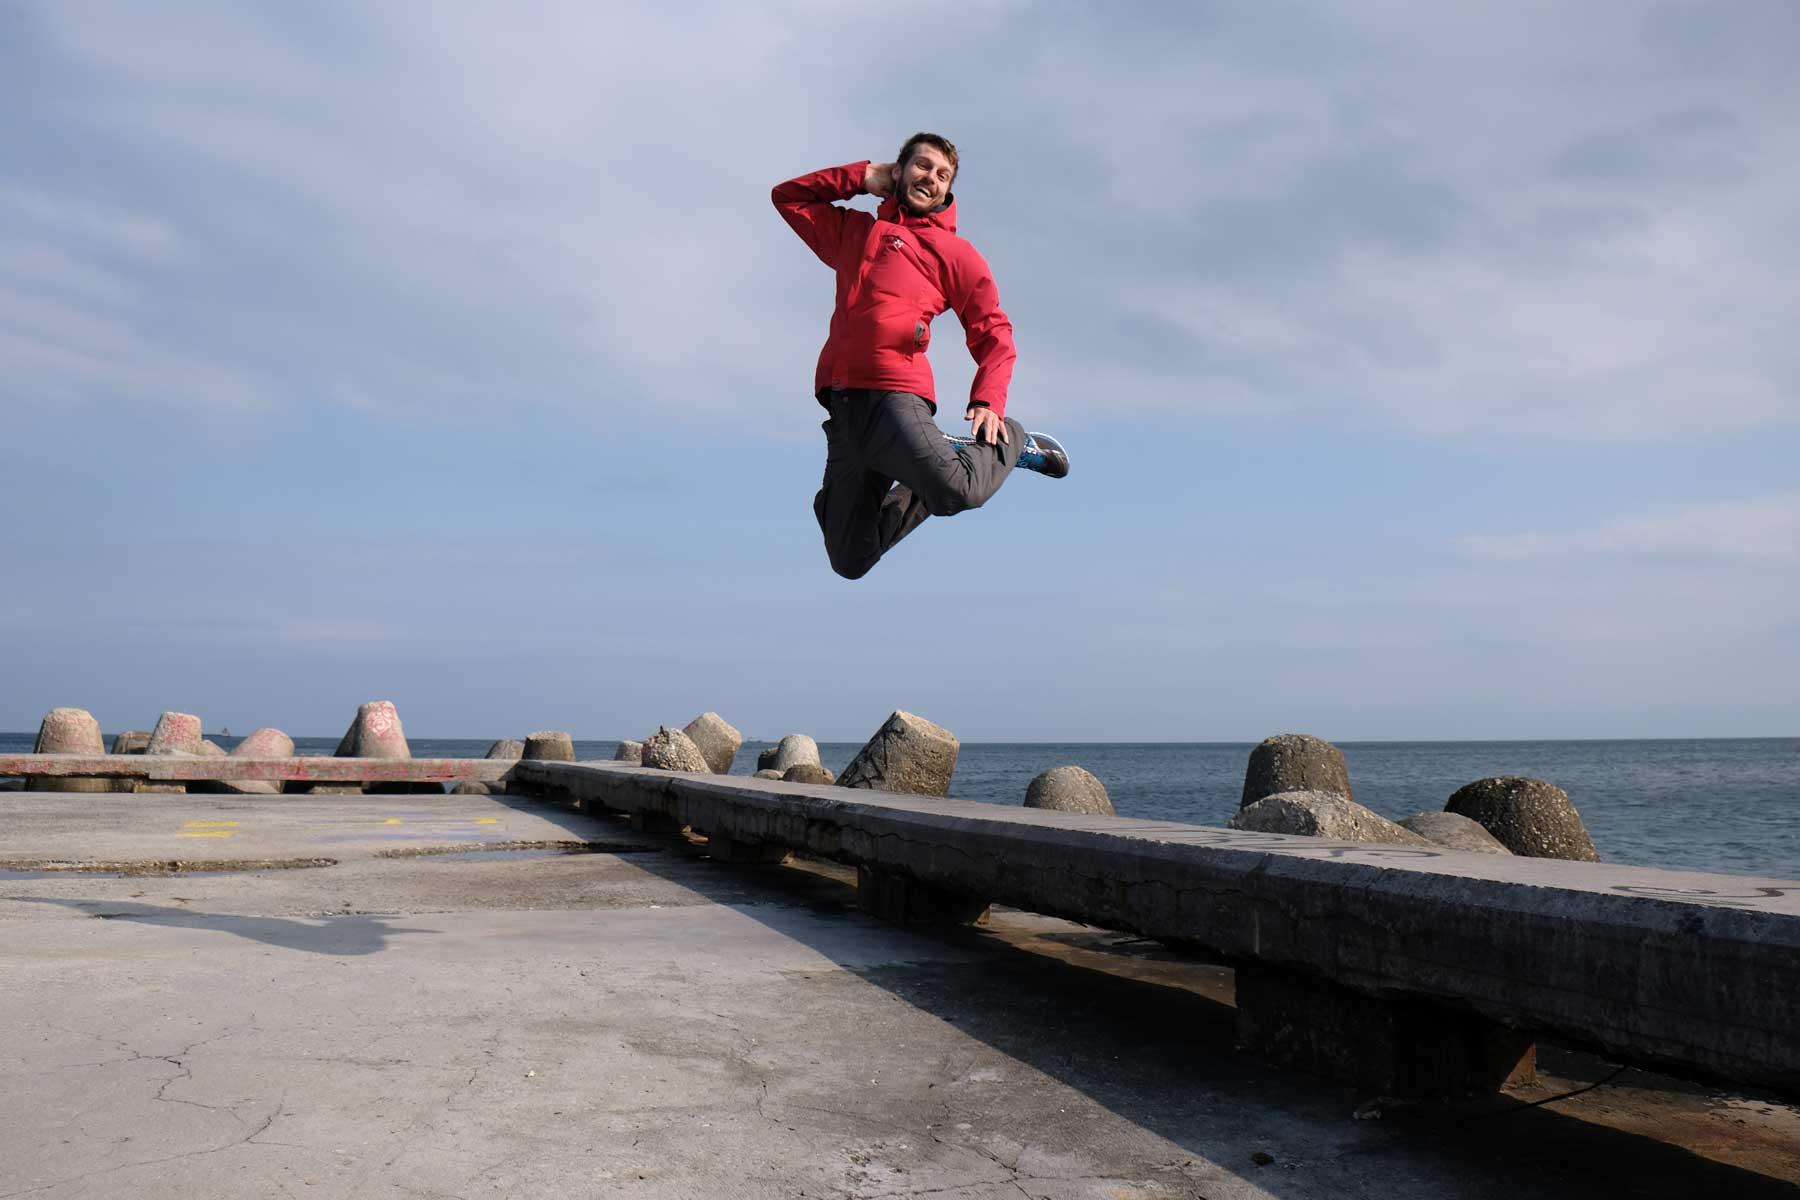 Sebastian springt von einer Steinbank am Meer